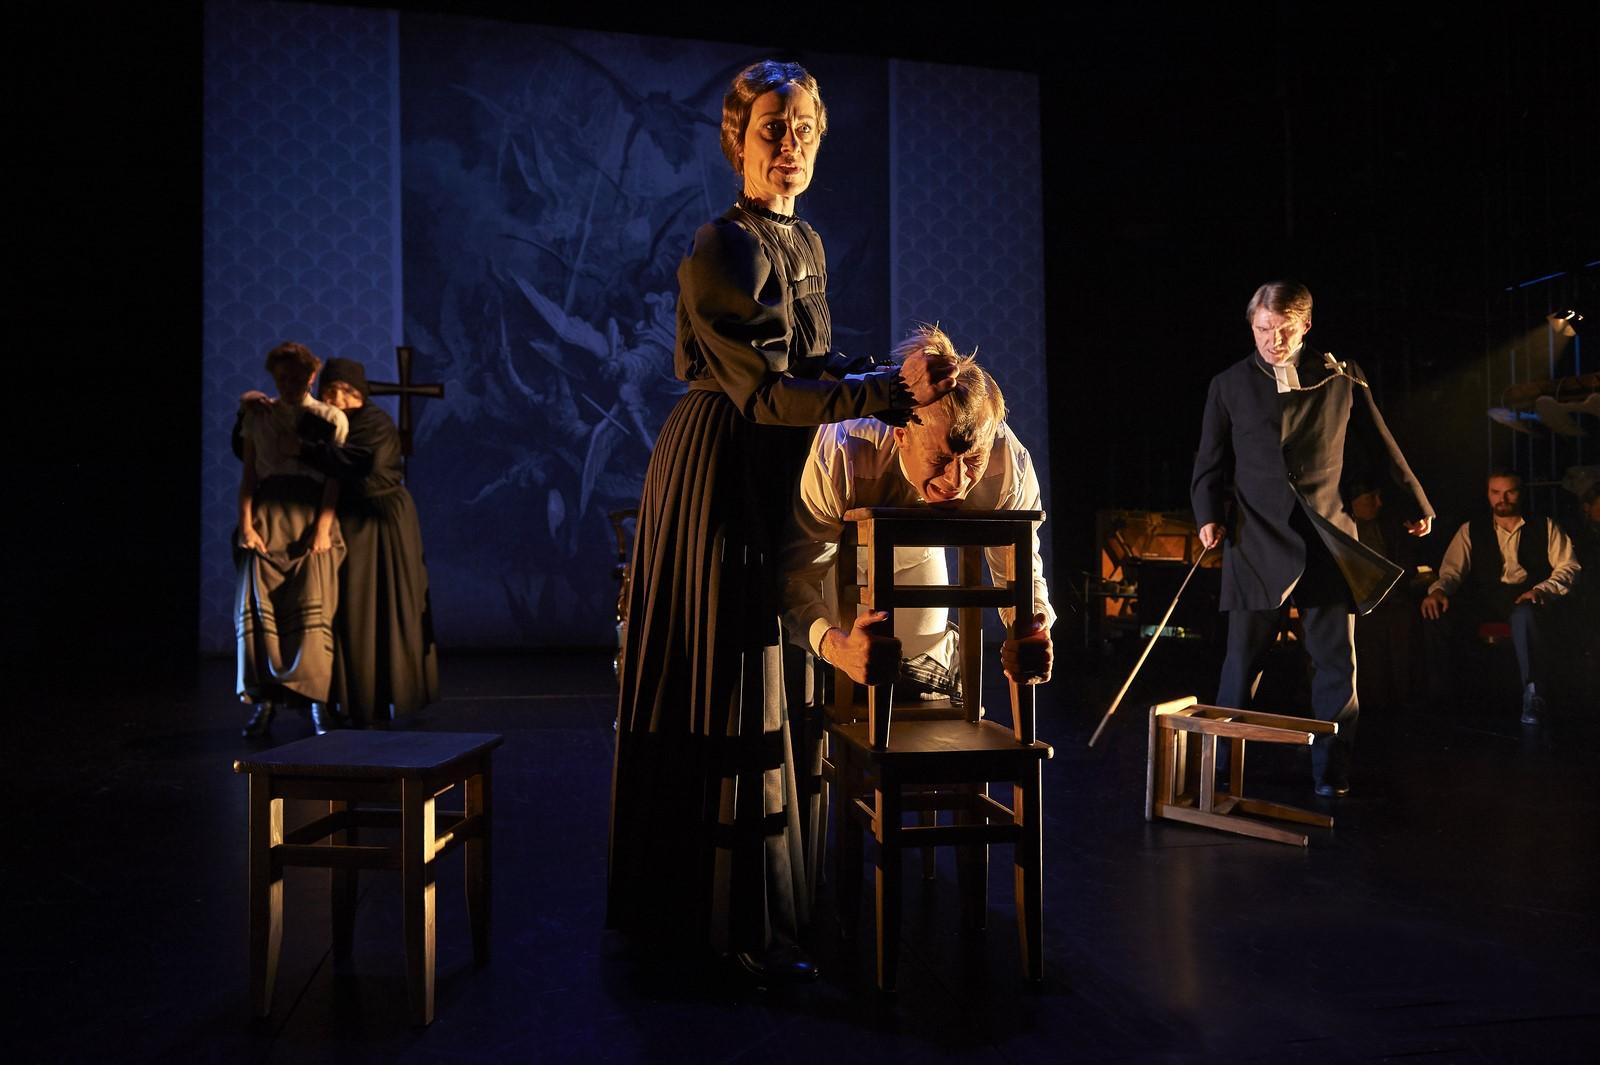 Anmeldelse: Fanny og Alexander, Aalborg Teater